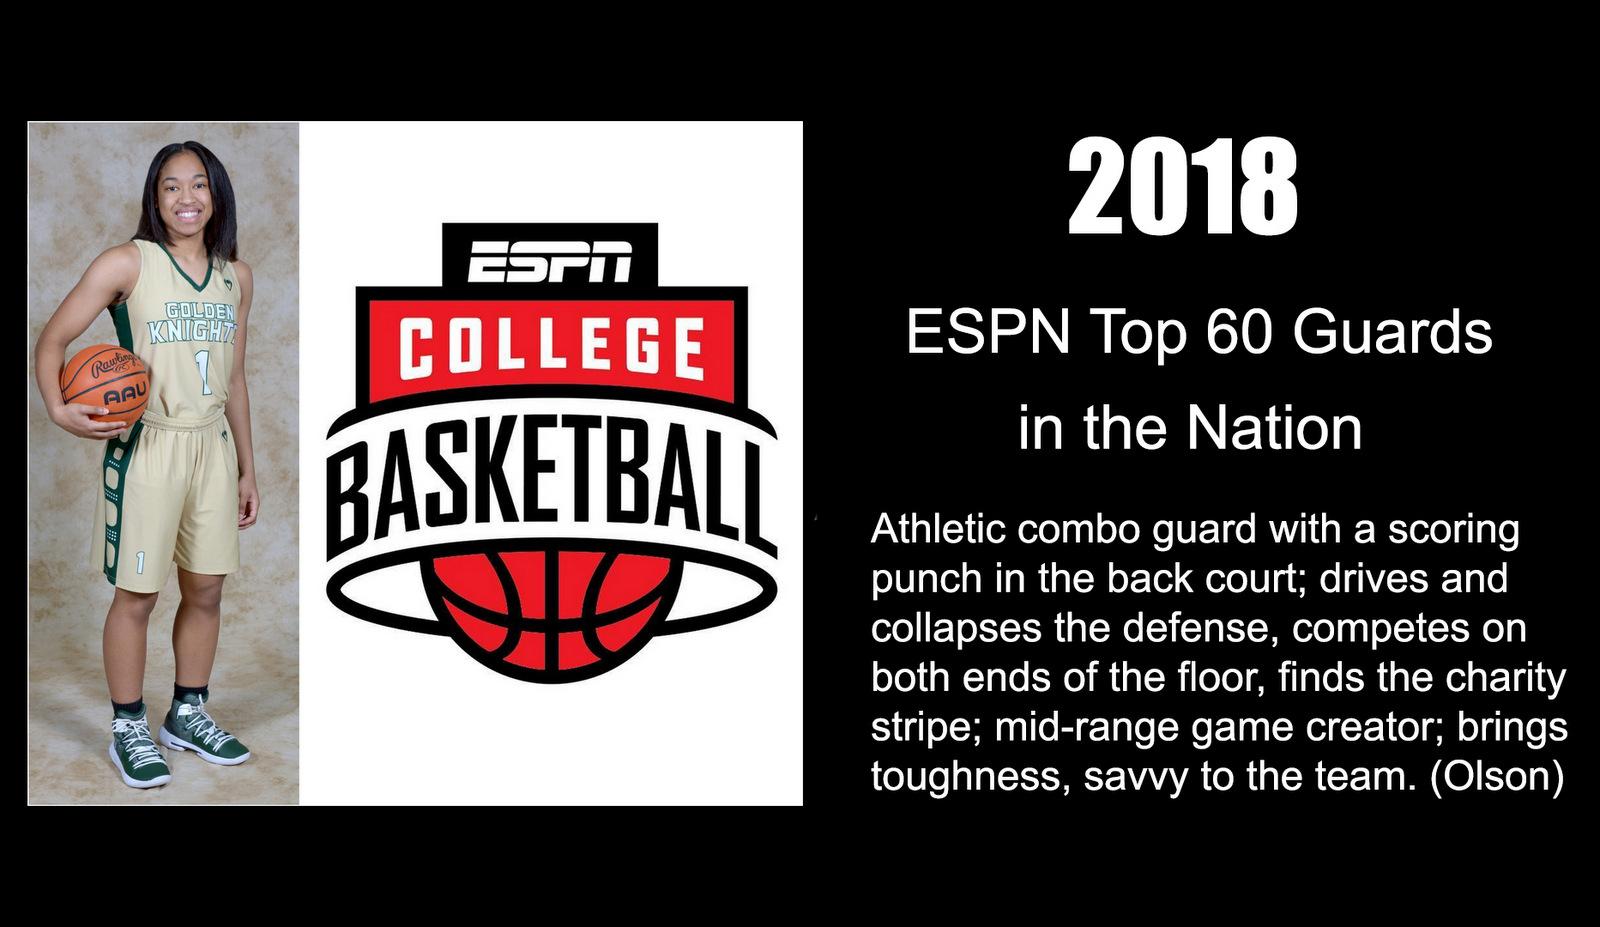 ESPN Top 60 Guards